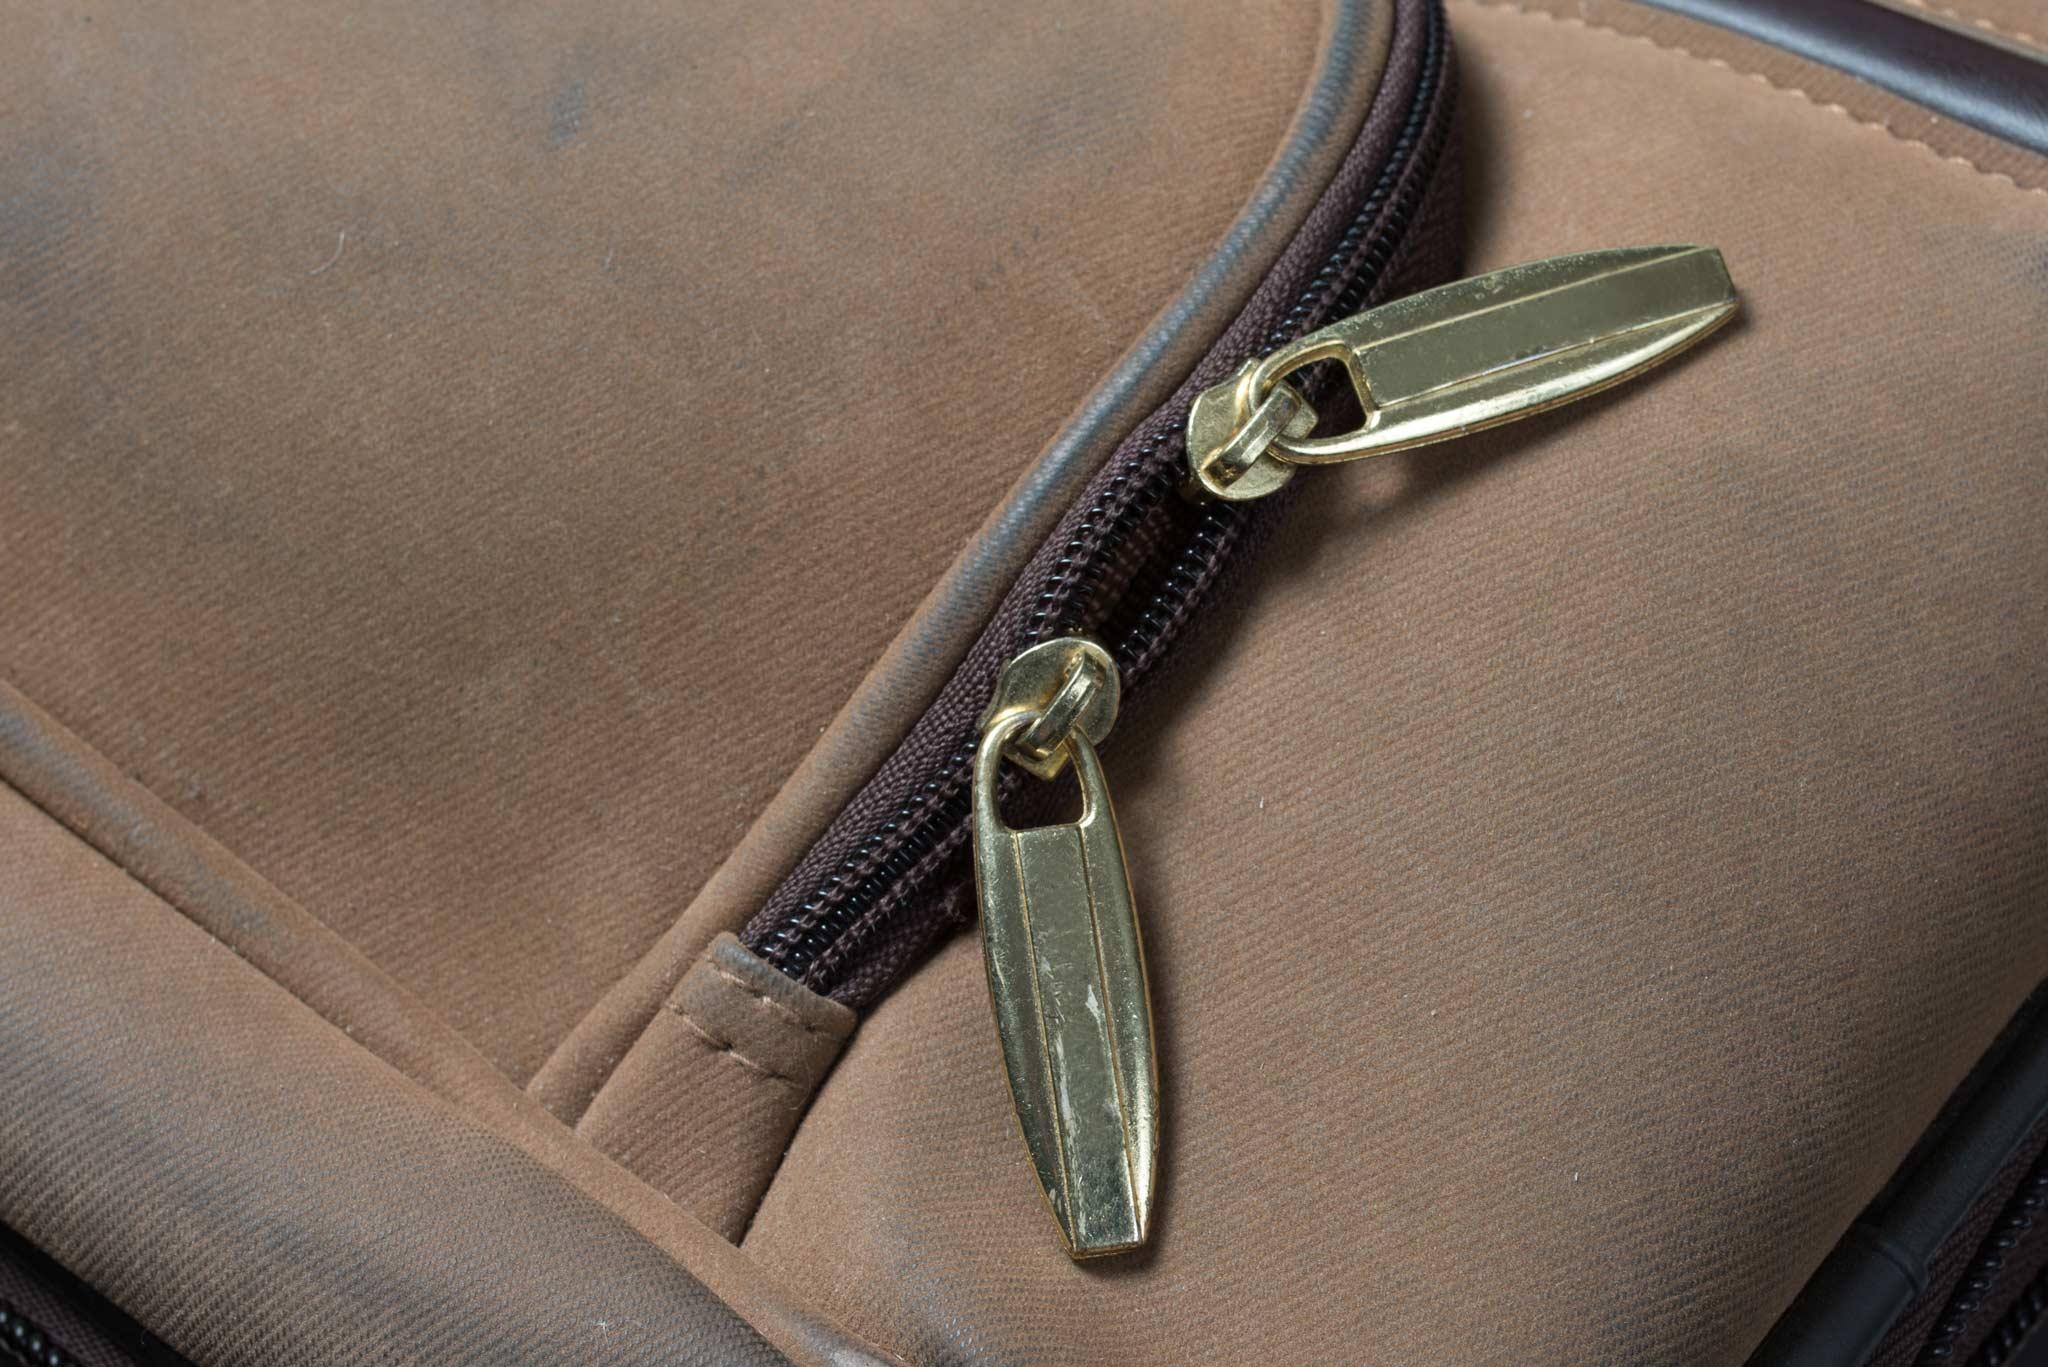 how to open a zipper slider